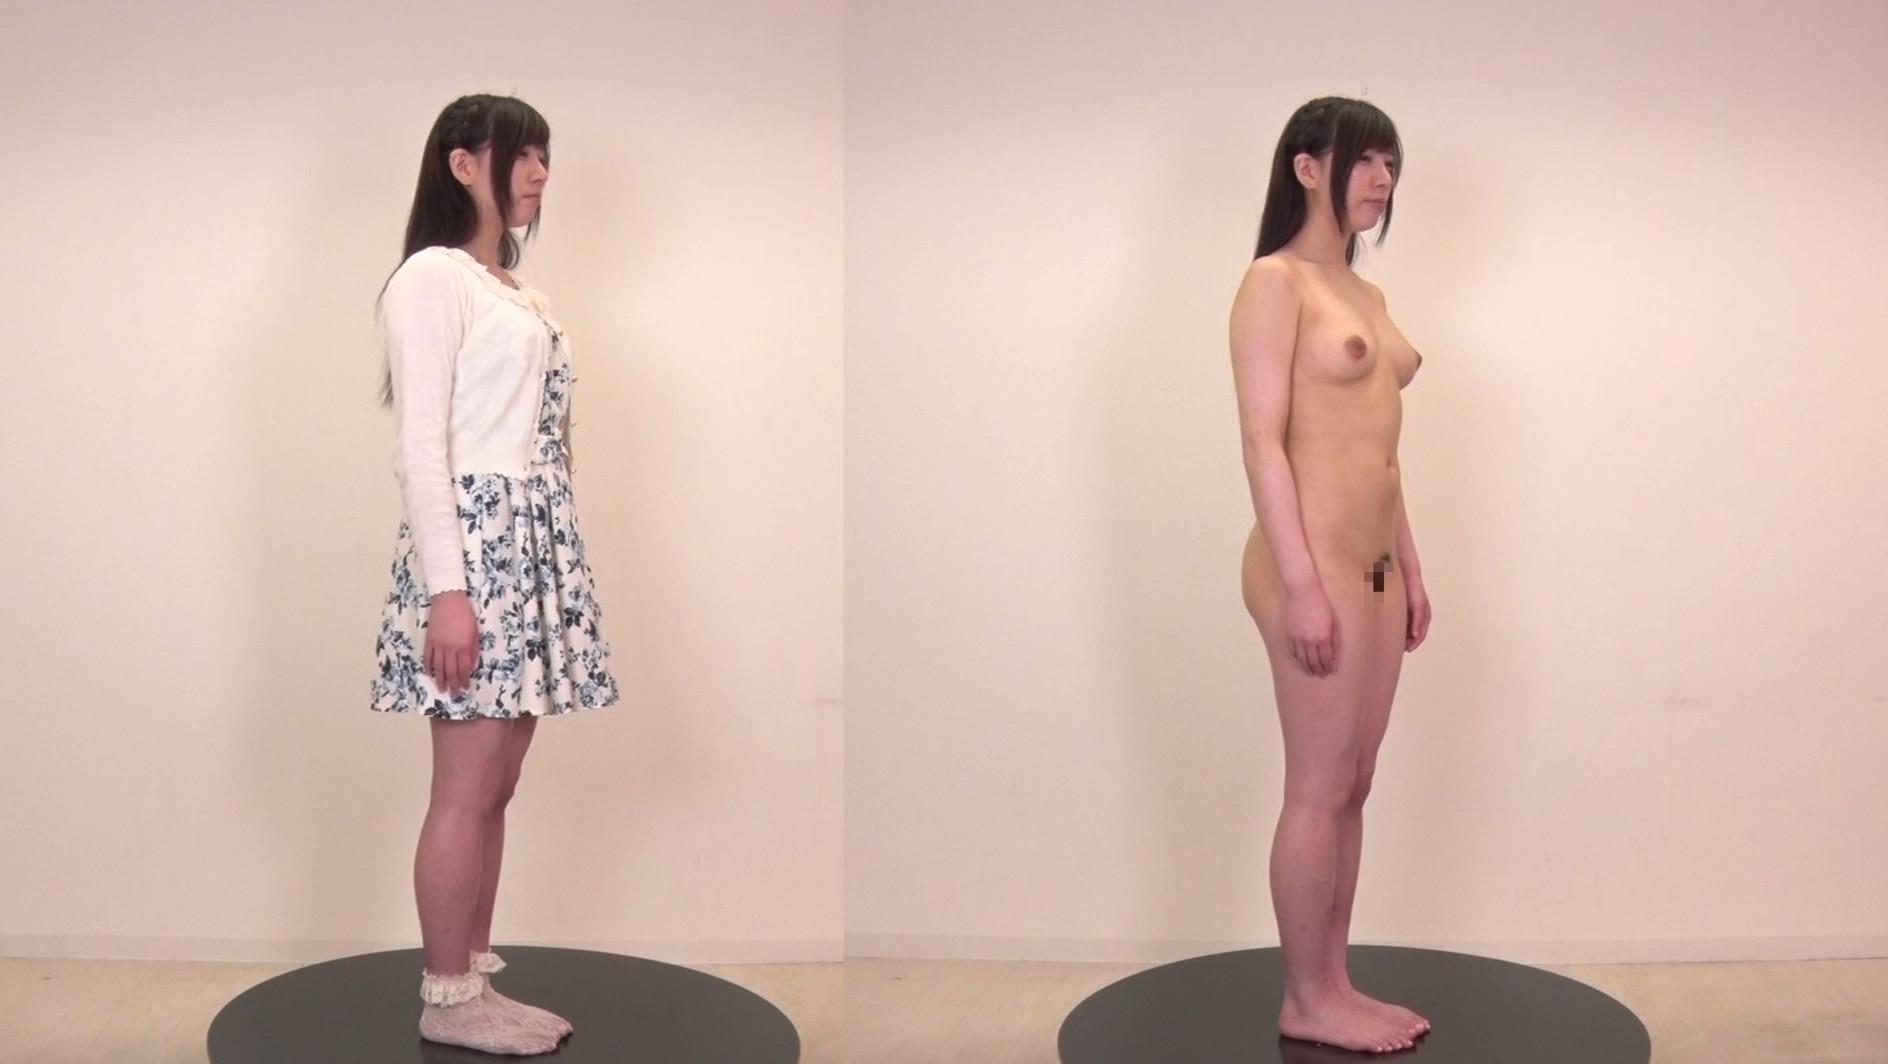 日本人女性の着衣時とヌードの比較 無料サンプル画像 この動画のサンプル画像はクリックで拡大できます。